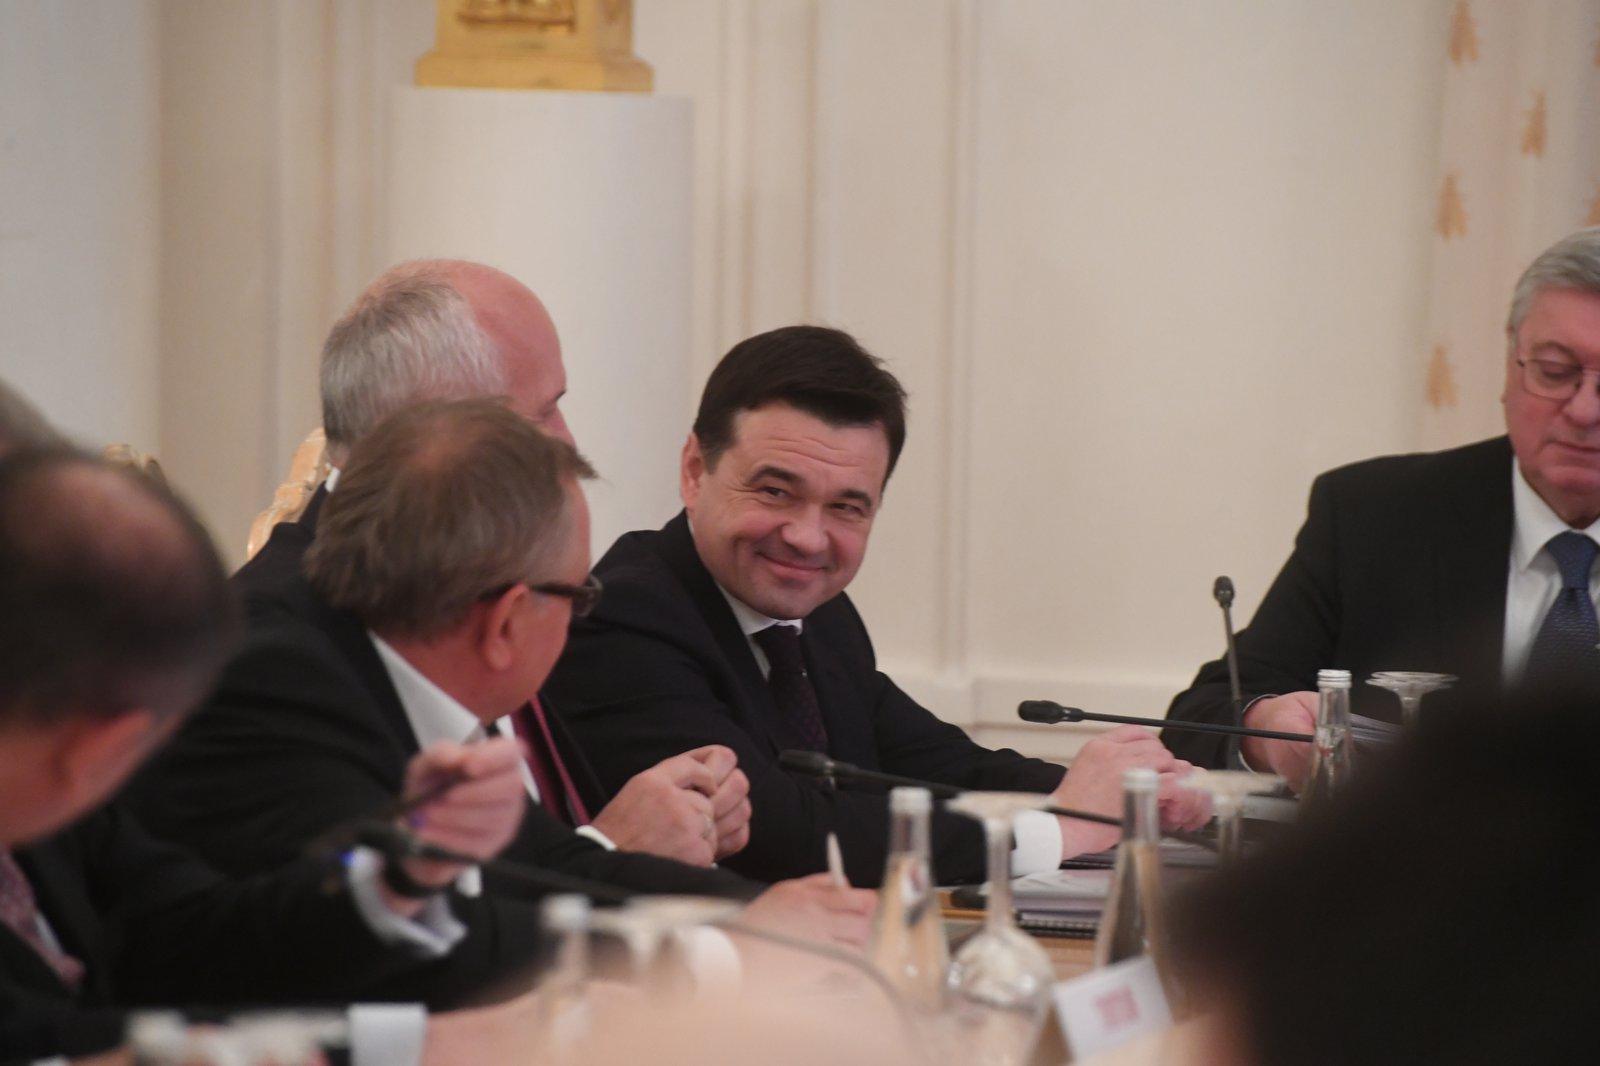 Андрей Воробьев губернатор московской области - Подмосковный лицей МГИМО. Интеграция как важный фактор развития образования